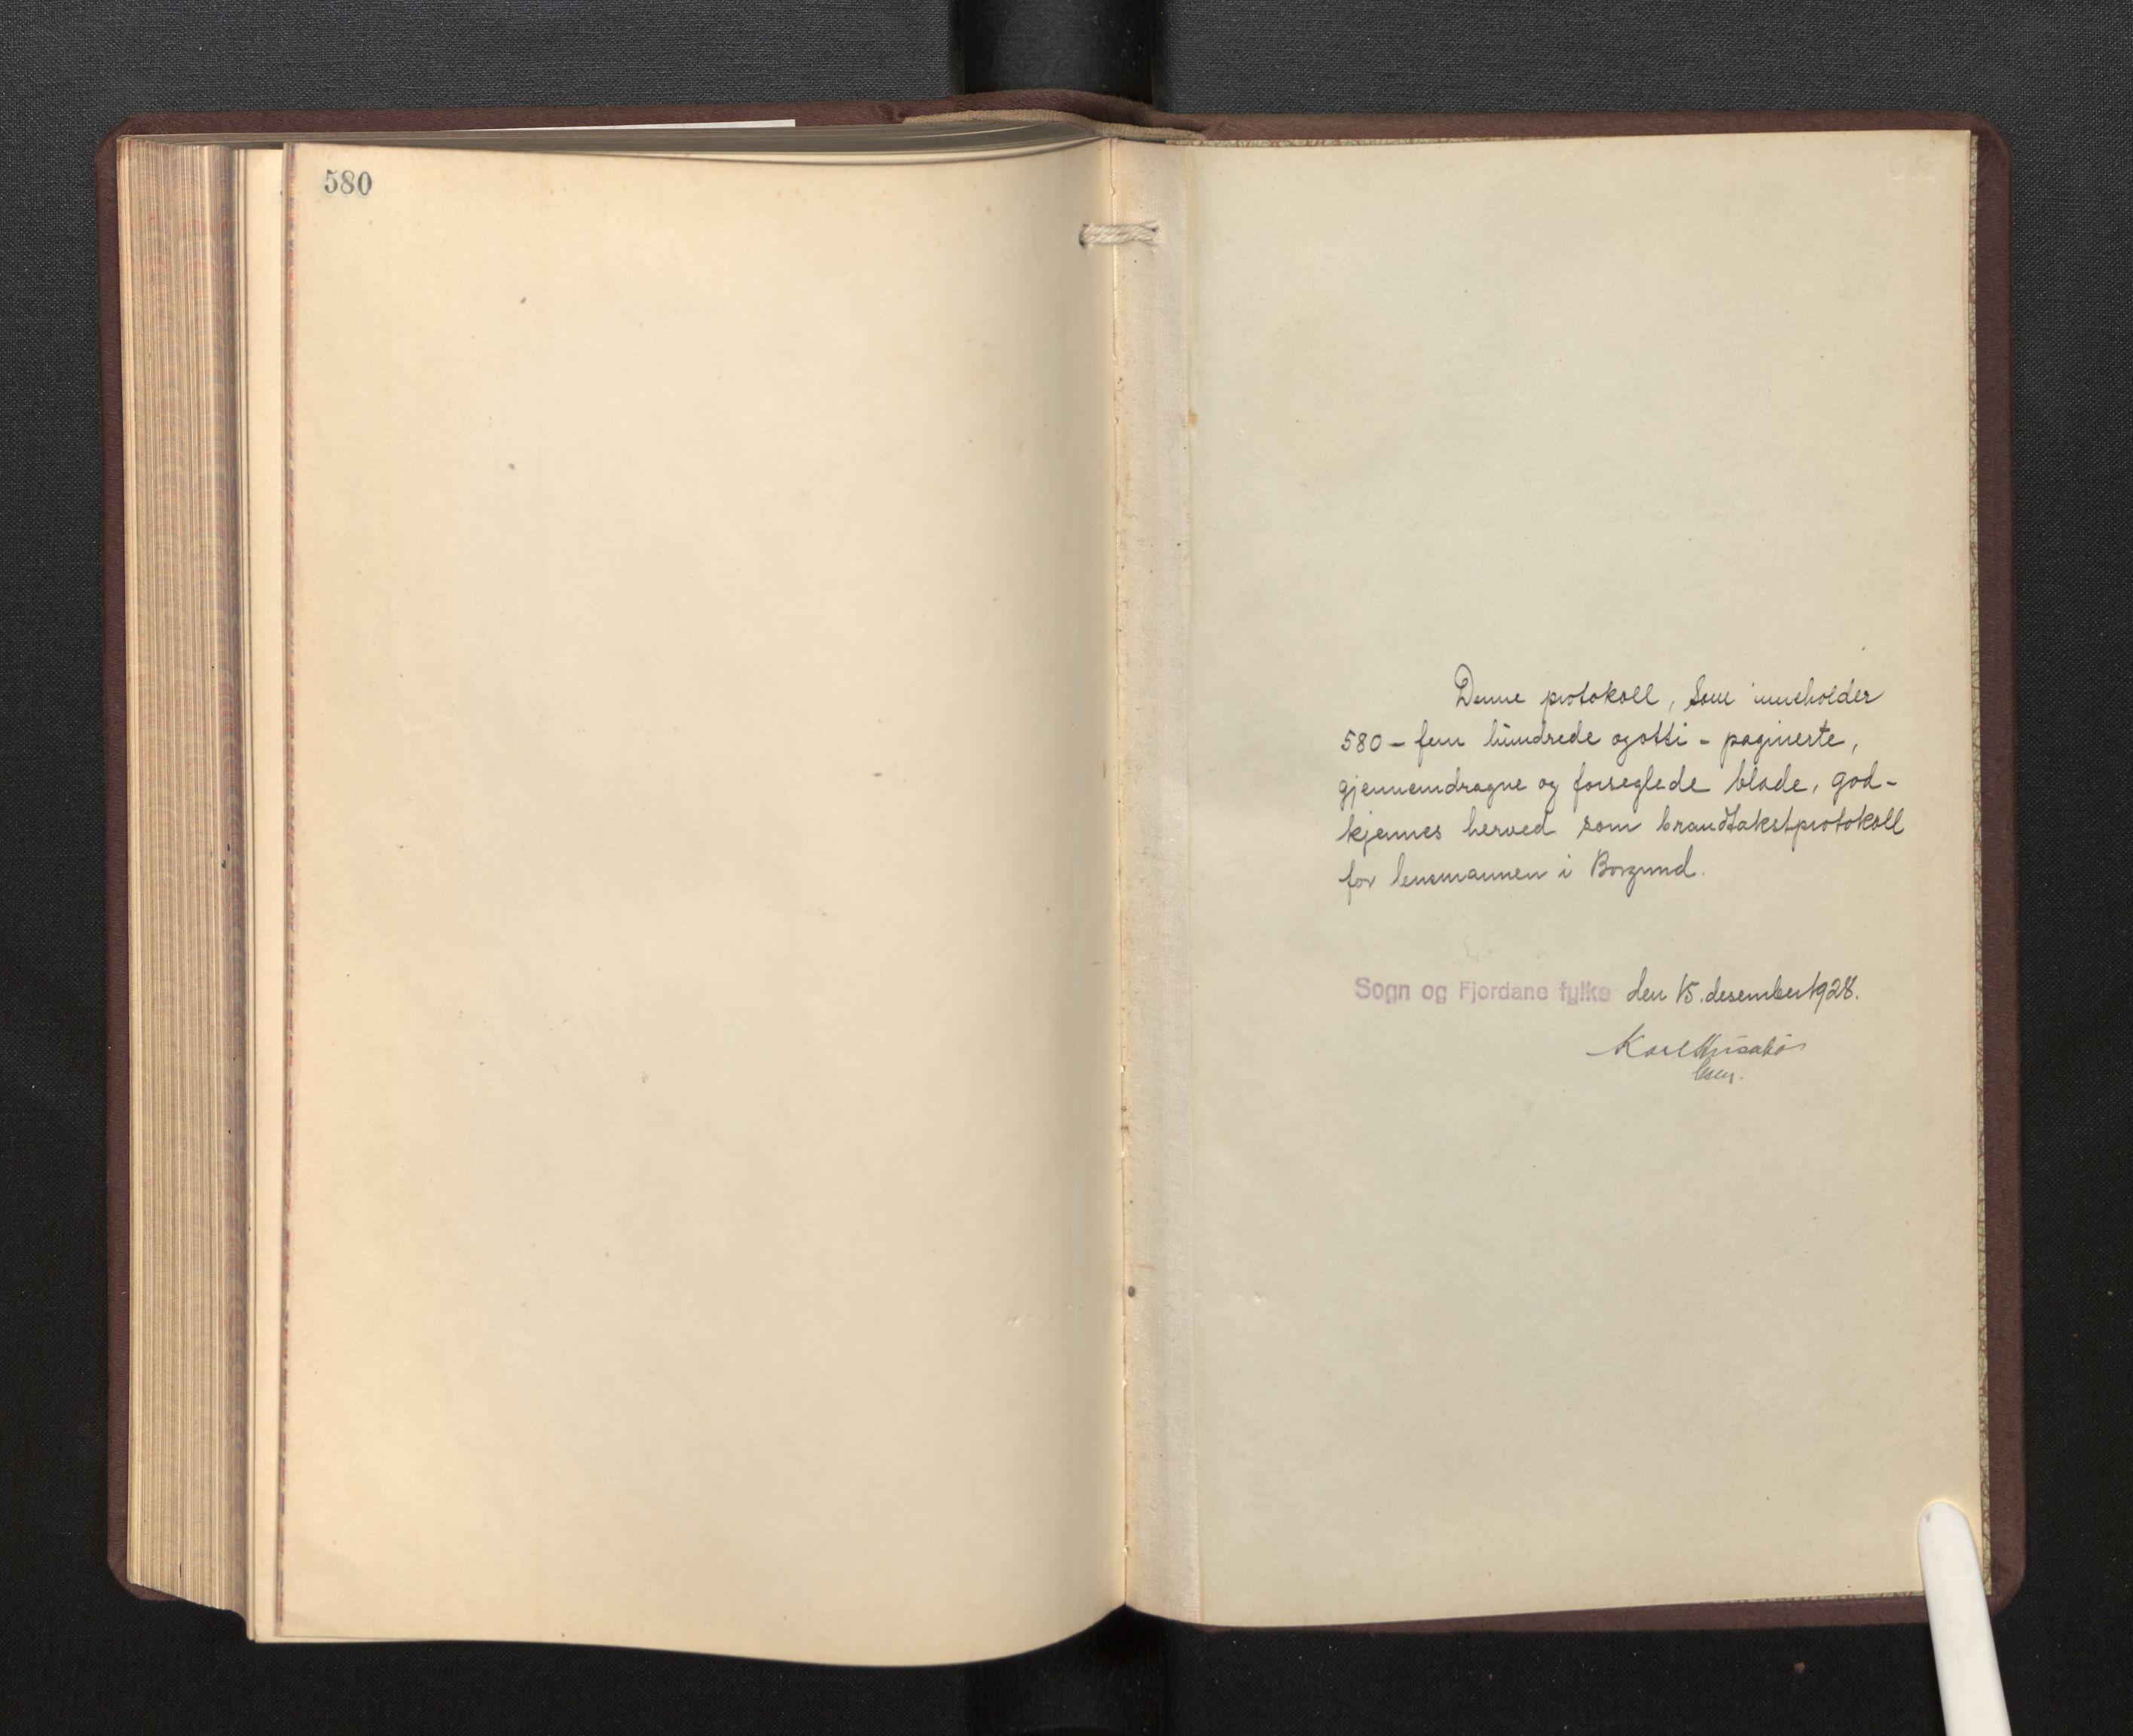 SAB, Lensmannen i Borgund, 0012/L0002: Branntakstprotokoll, 1929-1933, s. 580